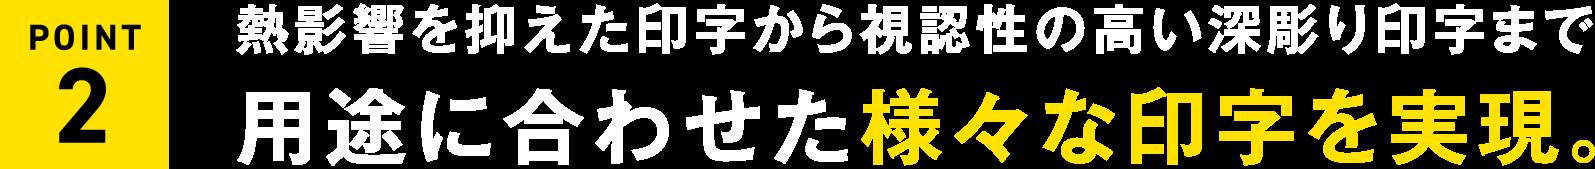 熱影響を抑えた印字から視認性の高い深彫り印字まで用途に合わせた様々な印字を実現。